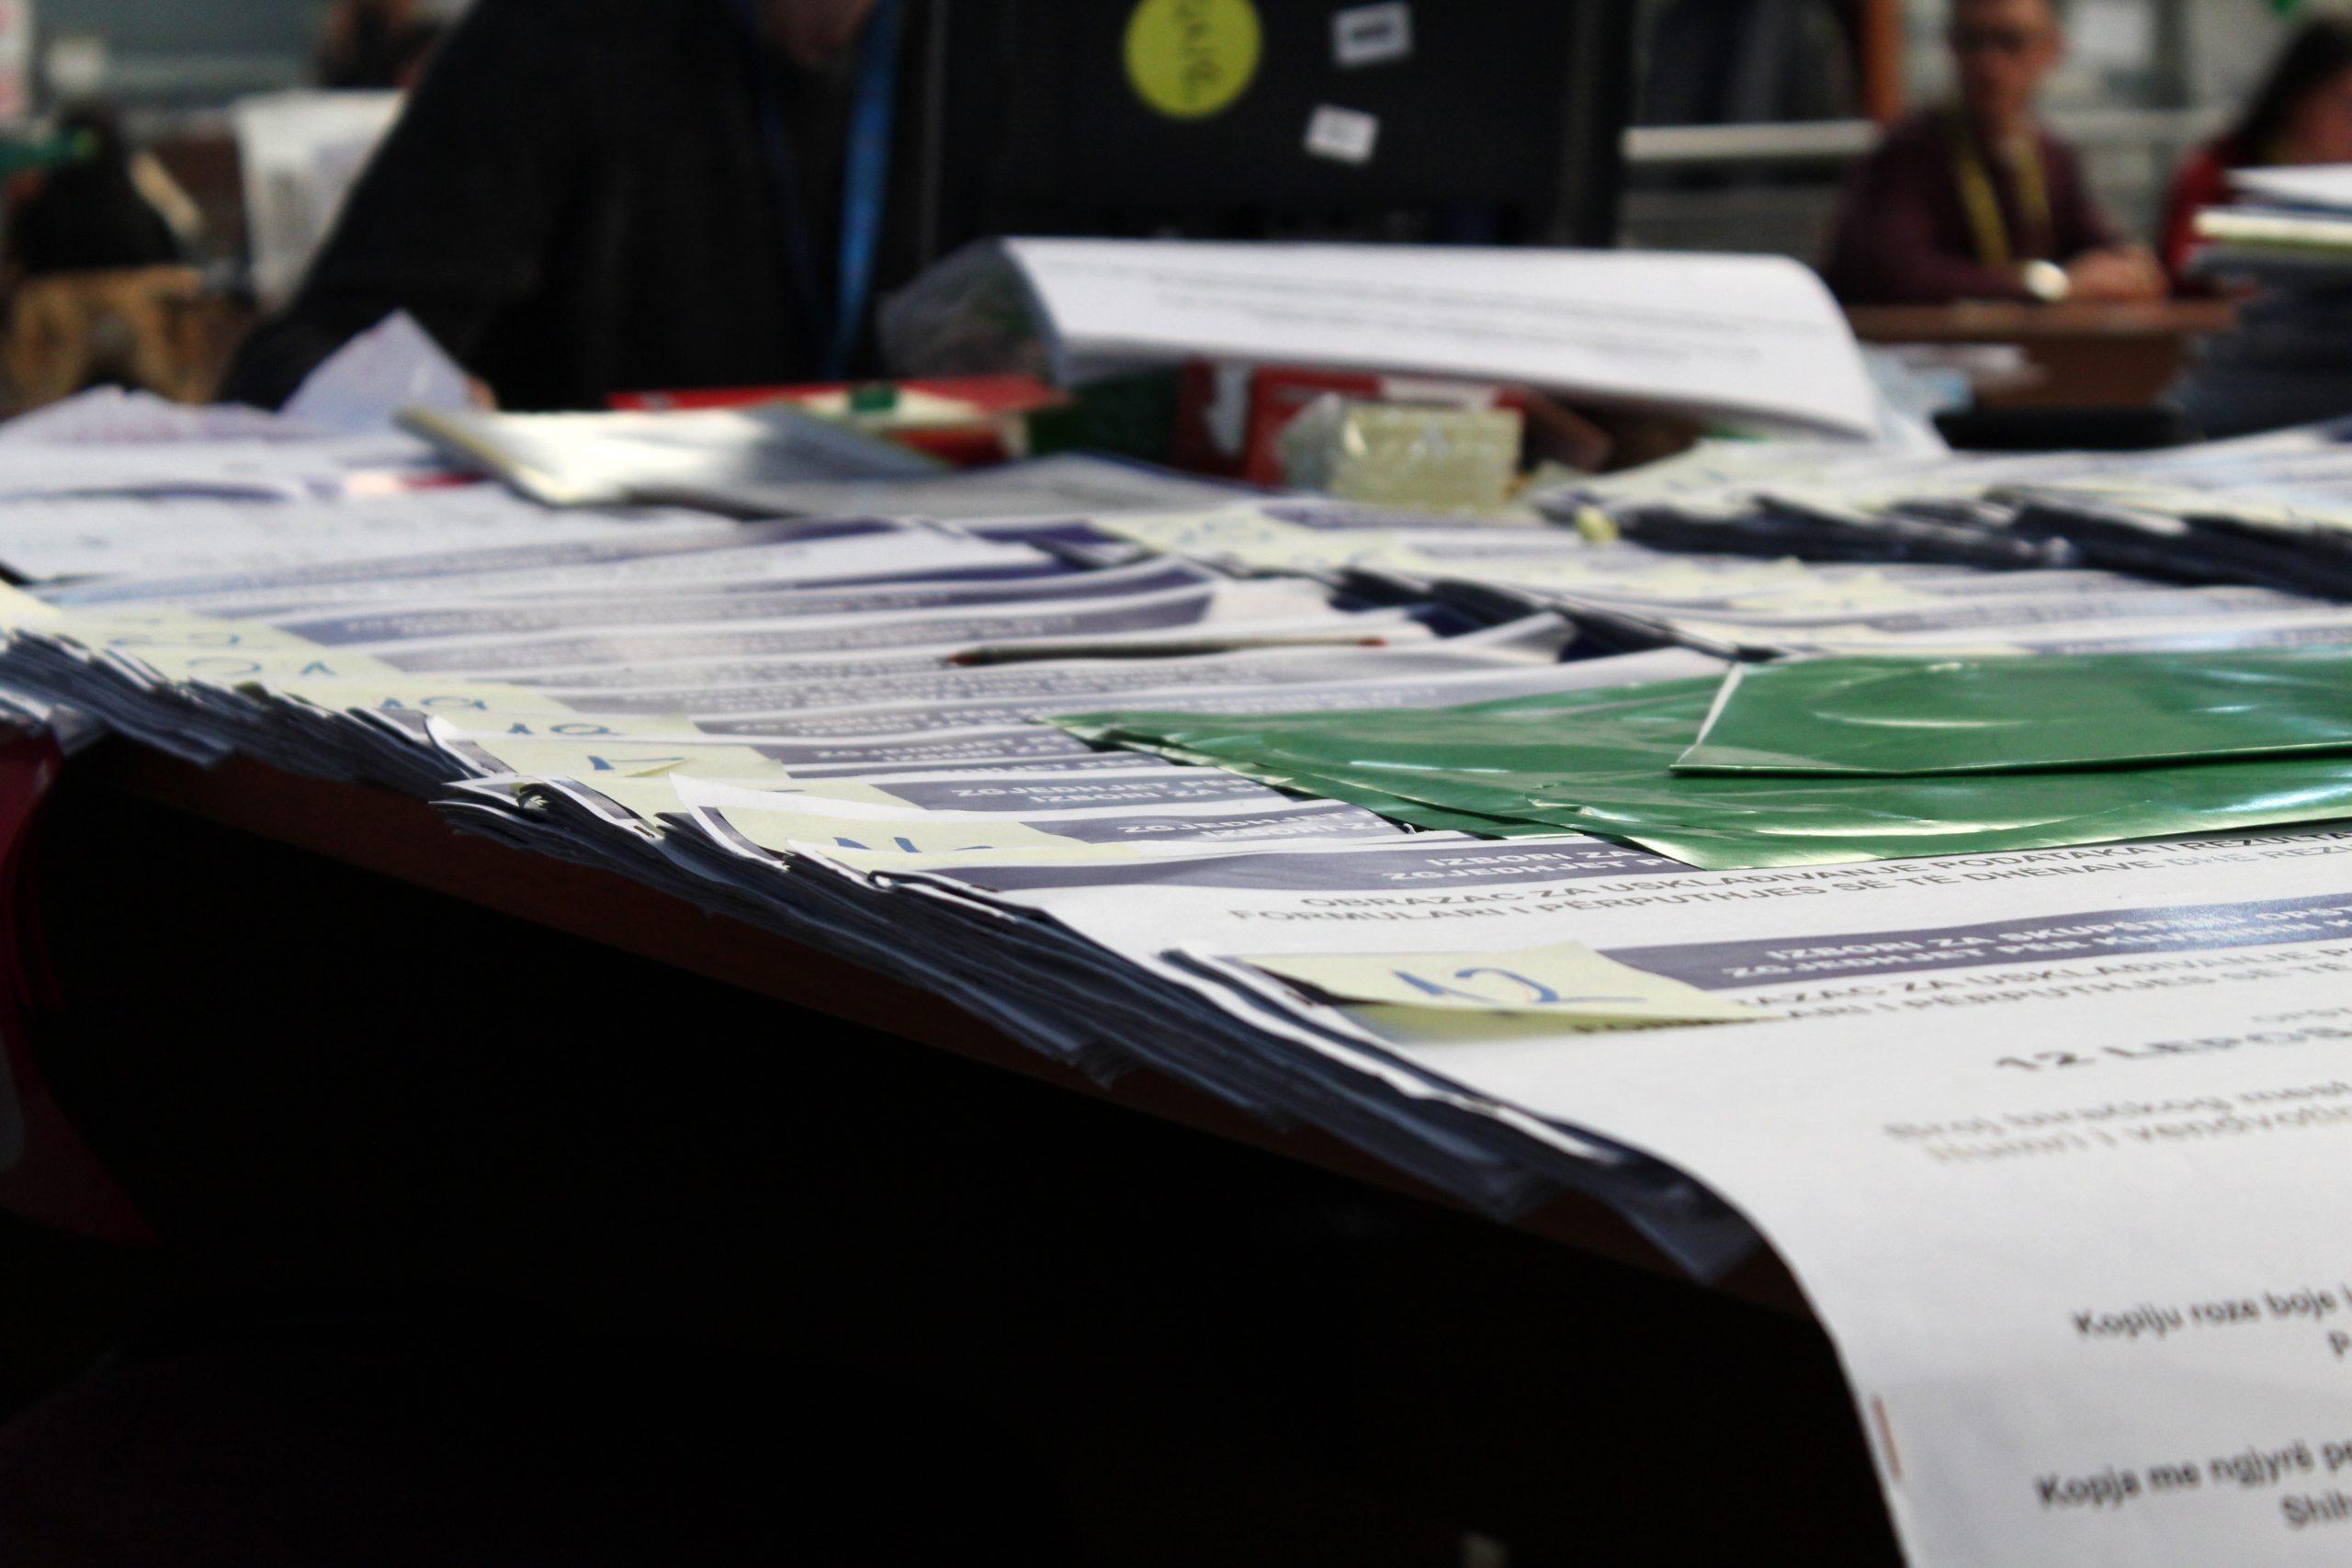 Formularët e Rezultateve për Zgjedhjet e Parakohshme për Kuvendin e Kosovës 2021